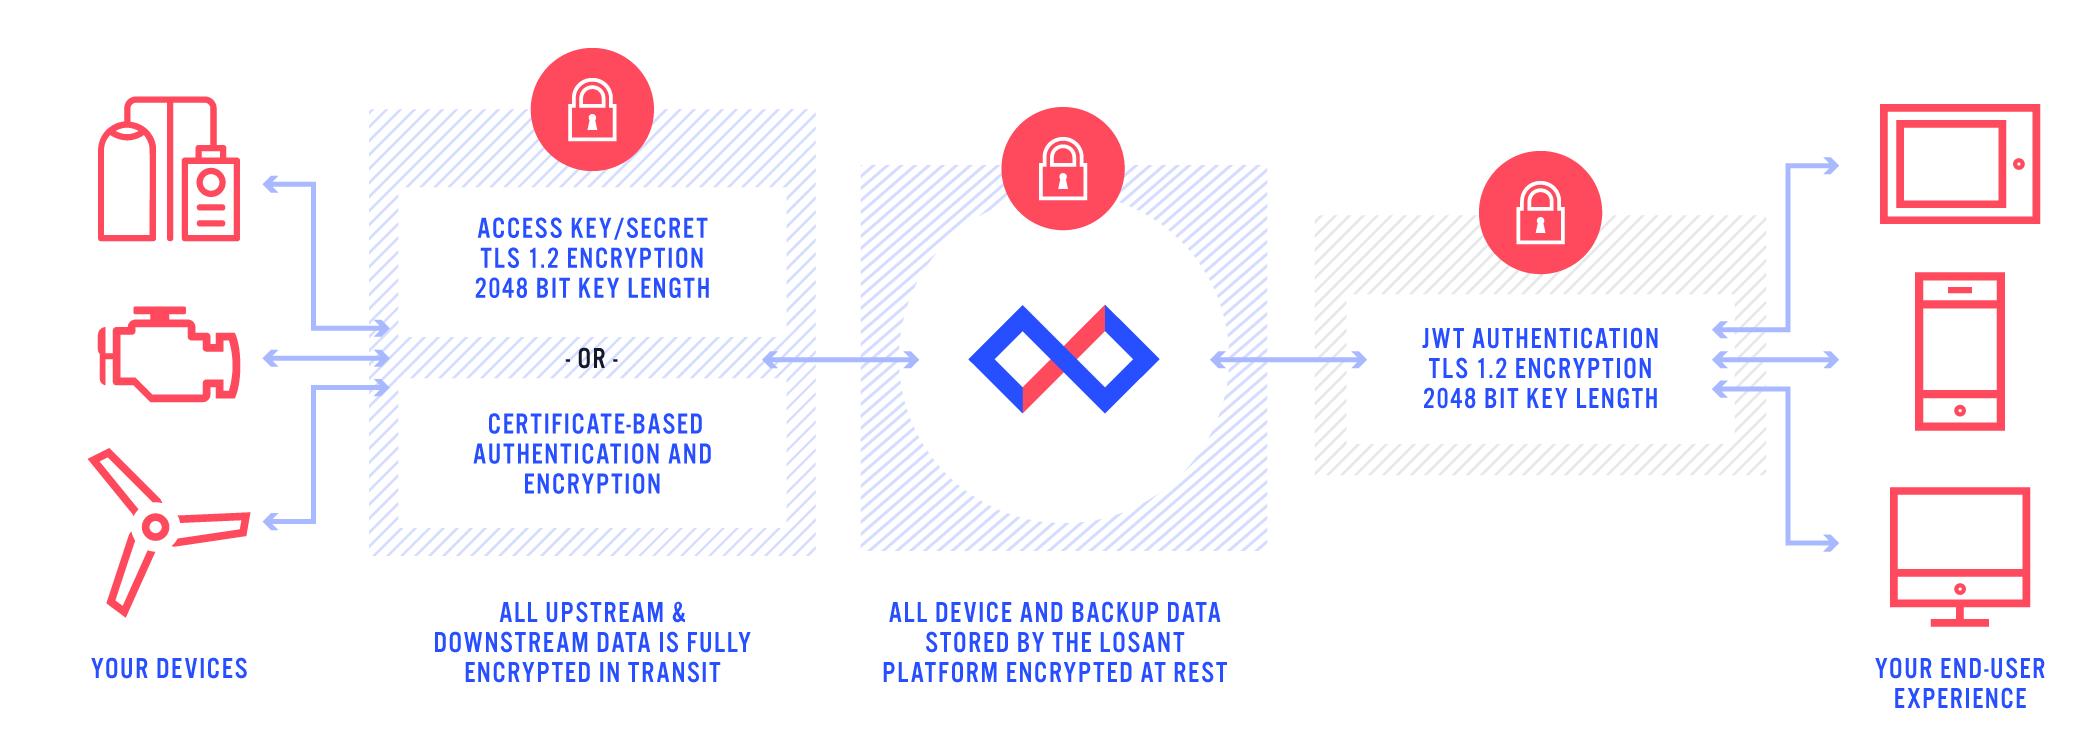 losant-security-flowchart